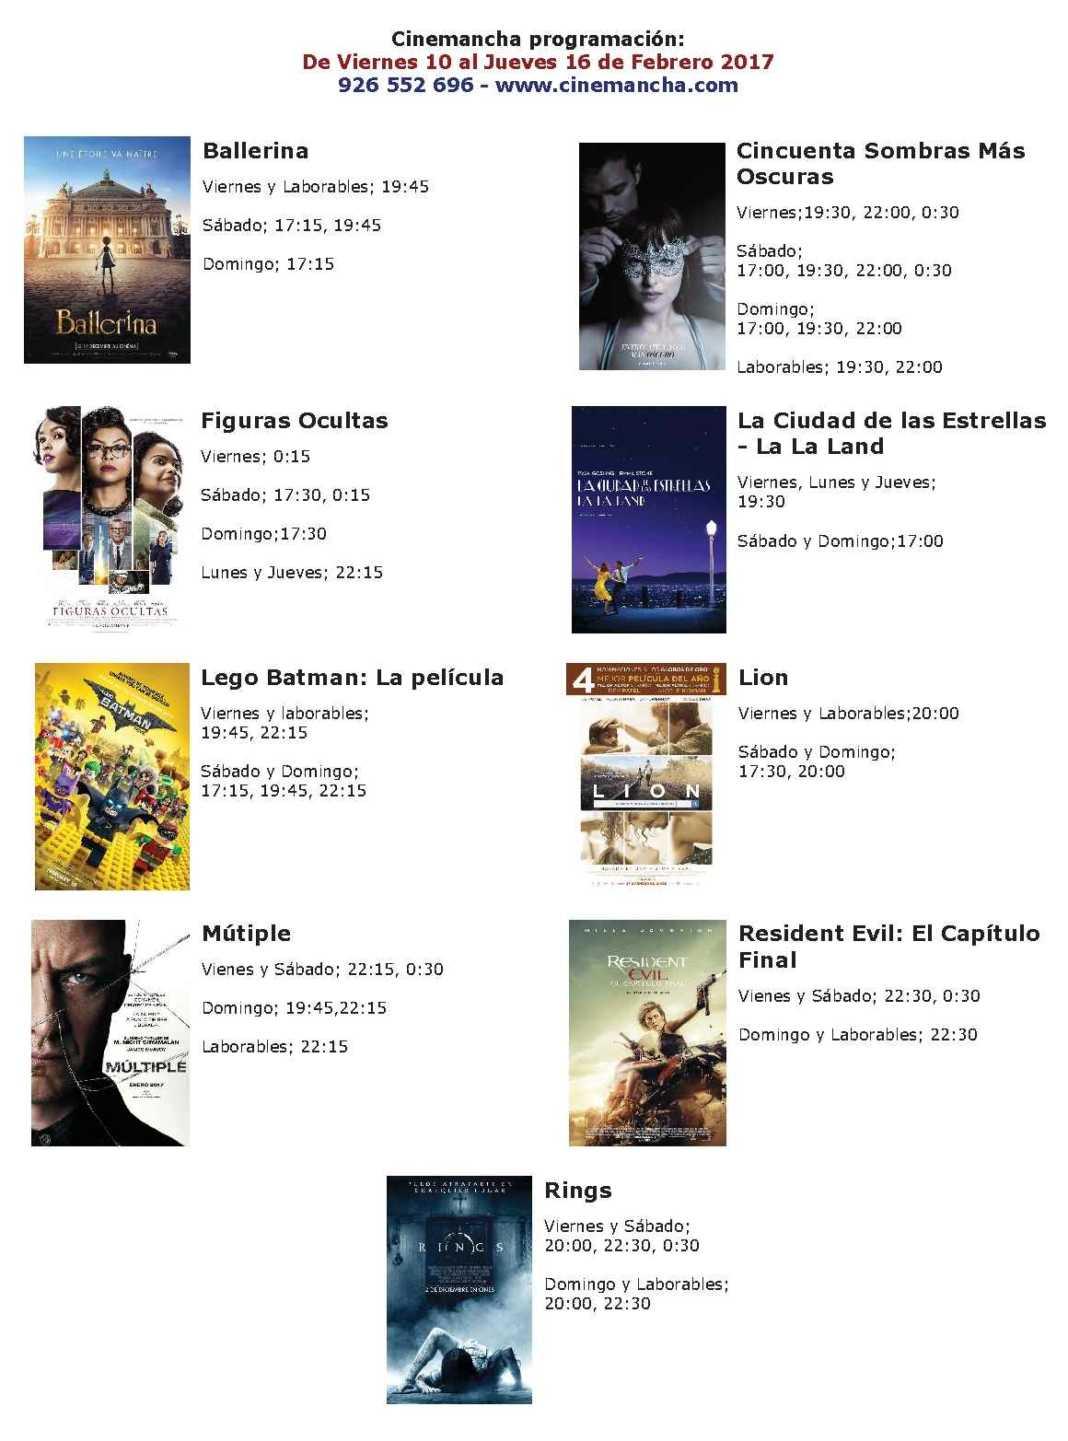 Cartelera del 10 al 16 de febrero en Multicines Cinemancha 2